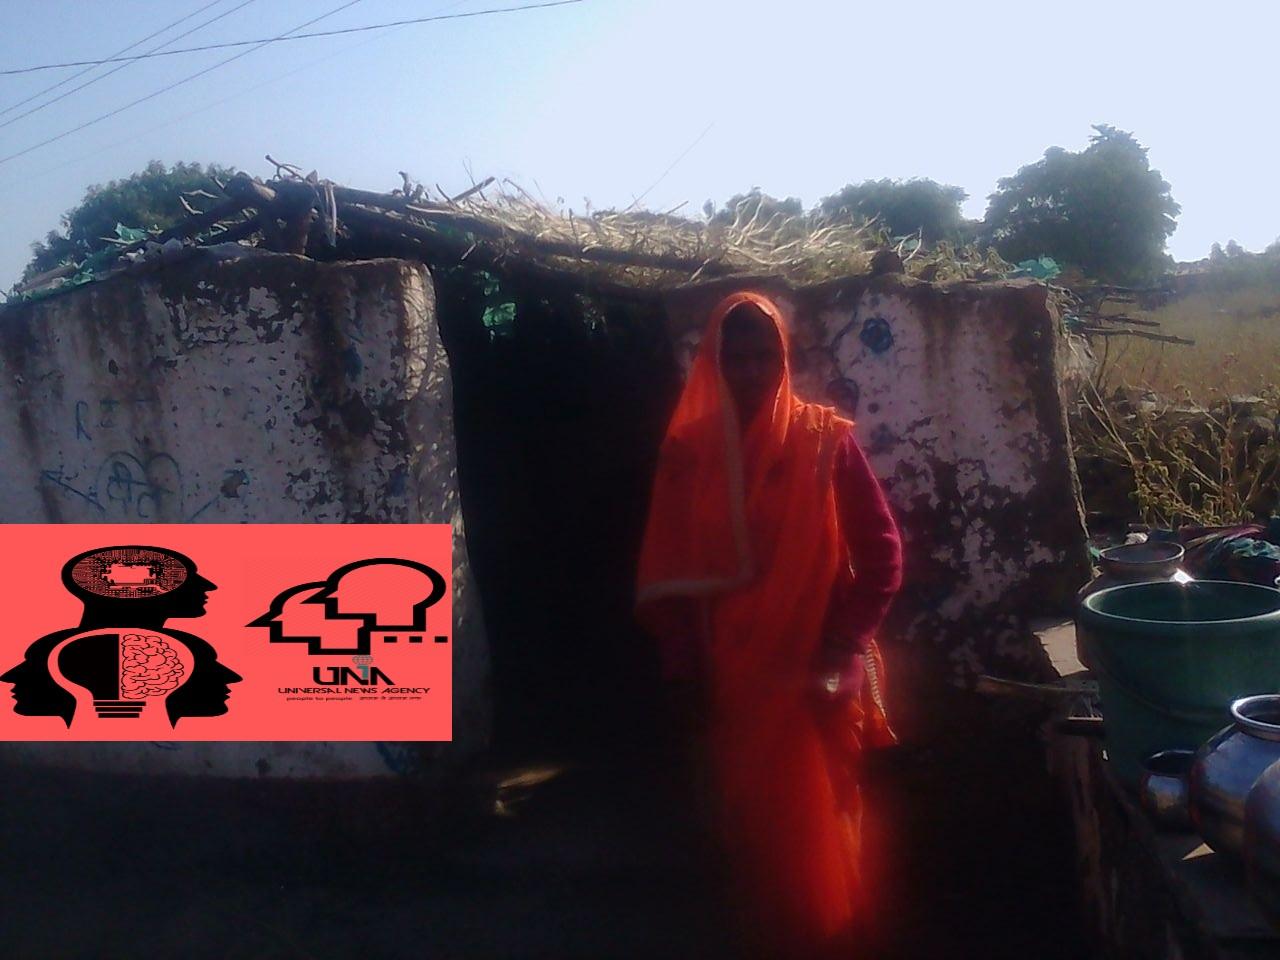 बालापुरा व हिम्मतगढ़ टापरा,गिगची,गी गचा के कई सहरिया परिवार आवास से वंचित